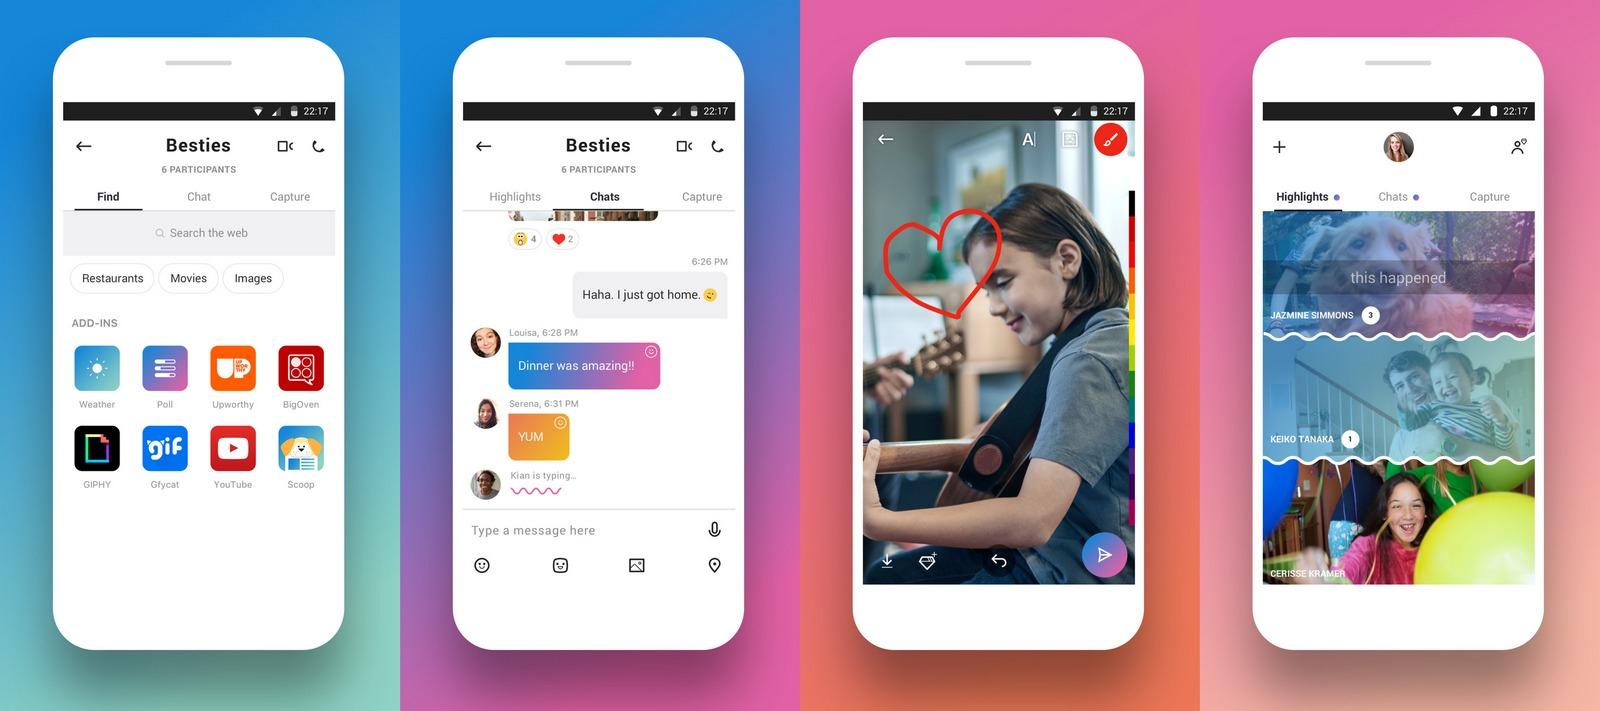 Microsoft превратила обновленный Skype в мессенджер с задатками Snapchat